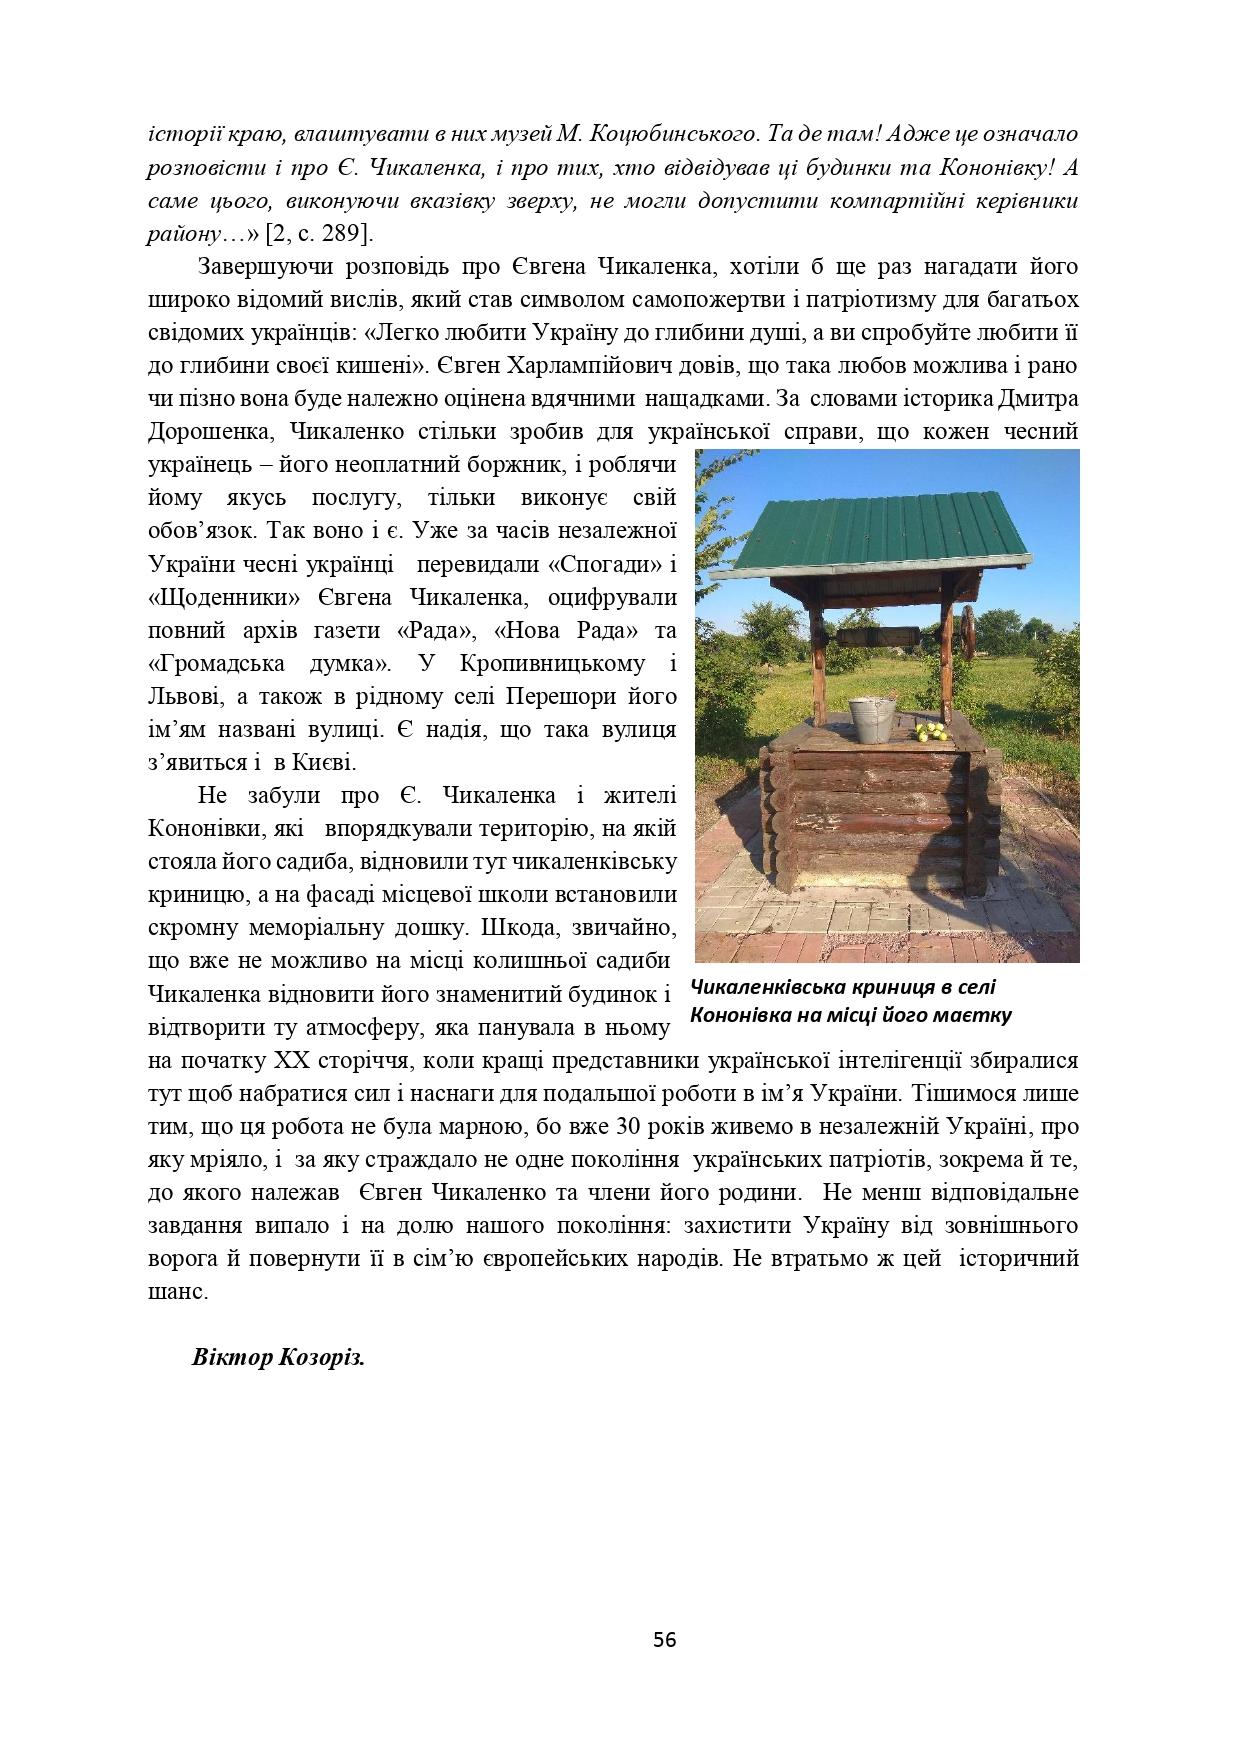 ІСТОРІЯ СЕЛА КОНОНІВКА 2021 (1)_page-0056